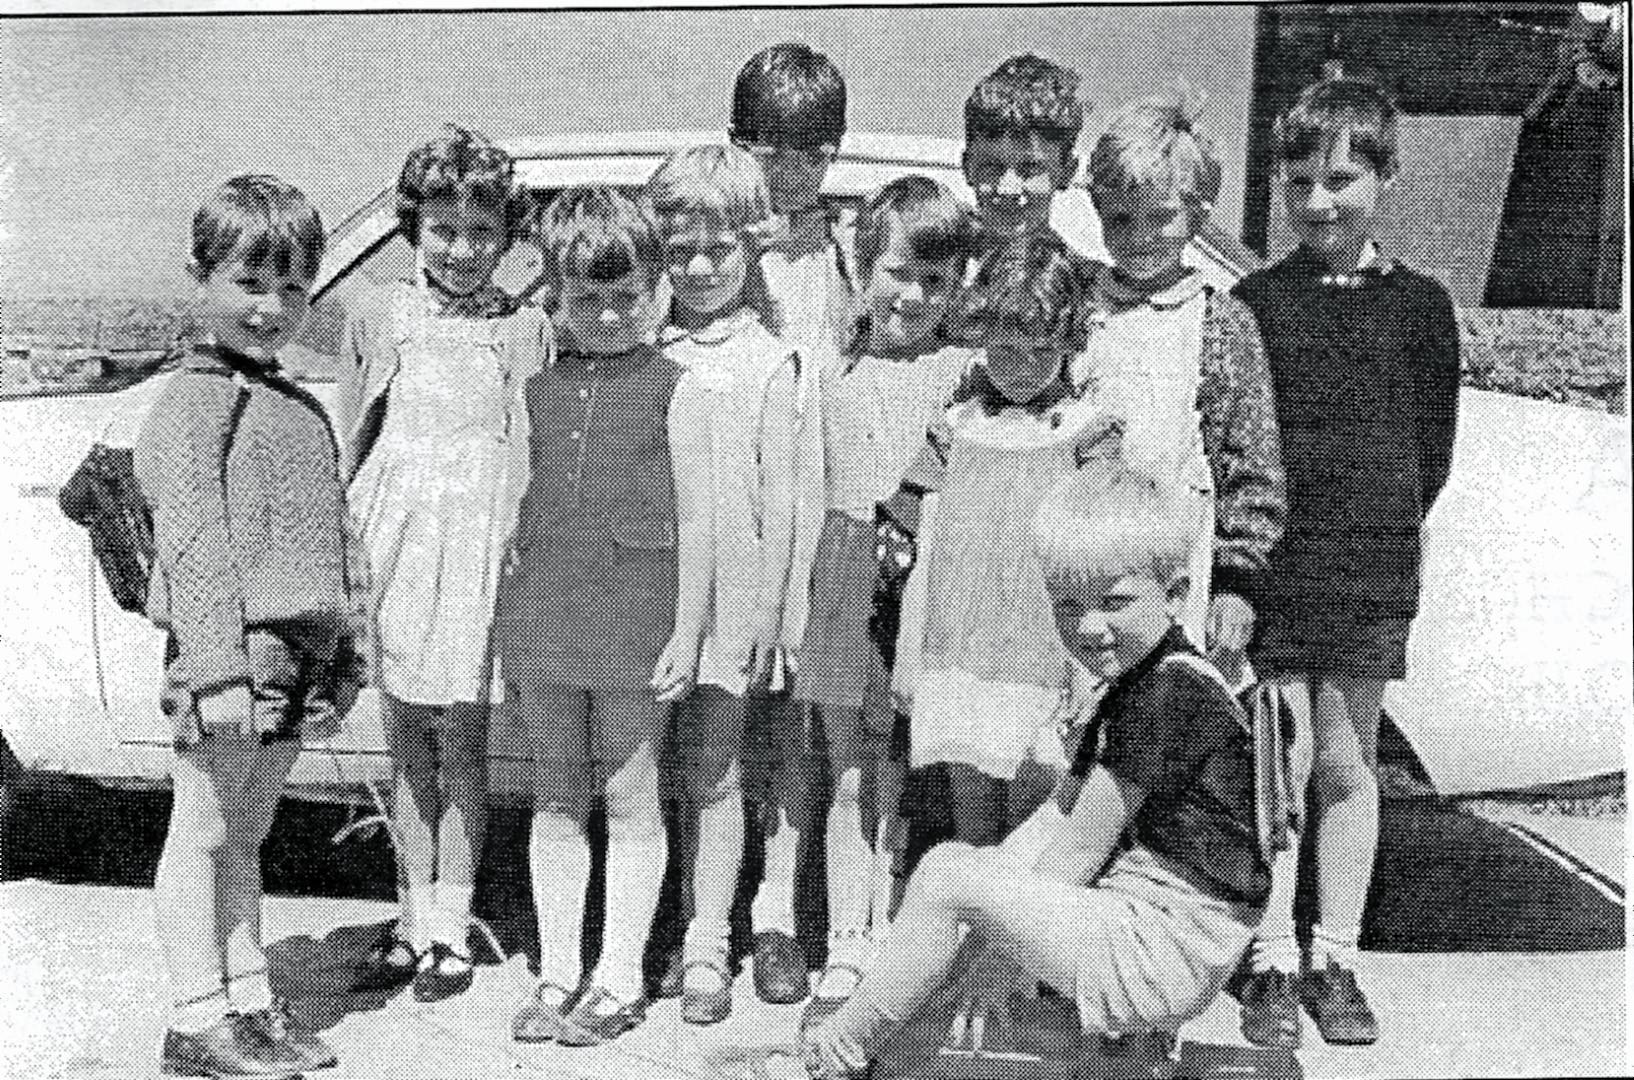 Tullacanna kids 1969, Bannow Historical Society Wexford Calendar 2013